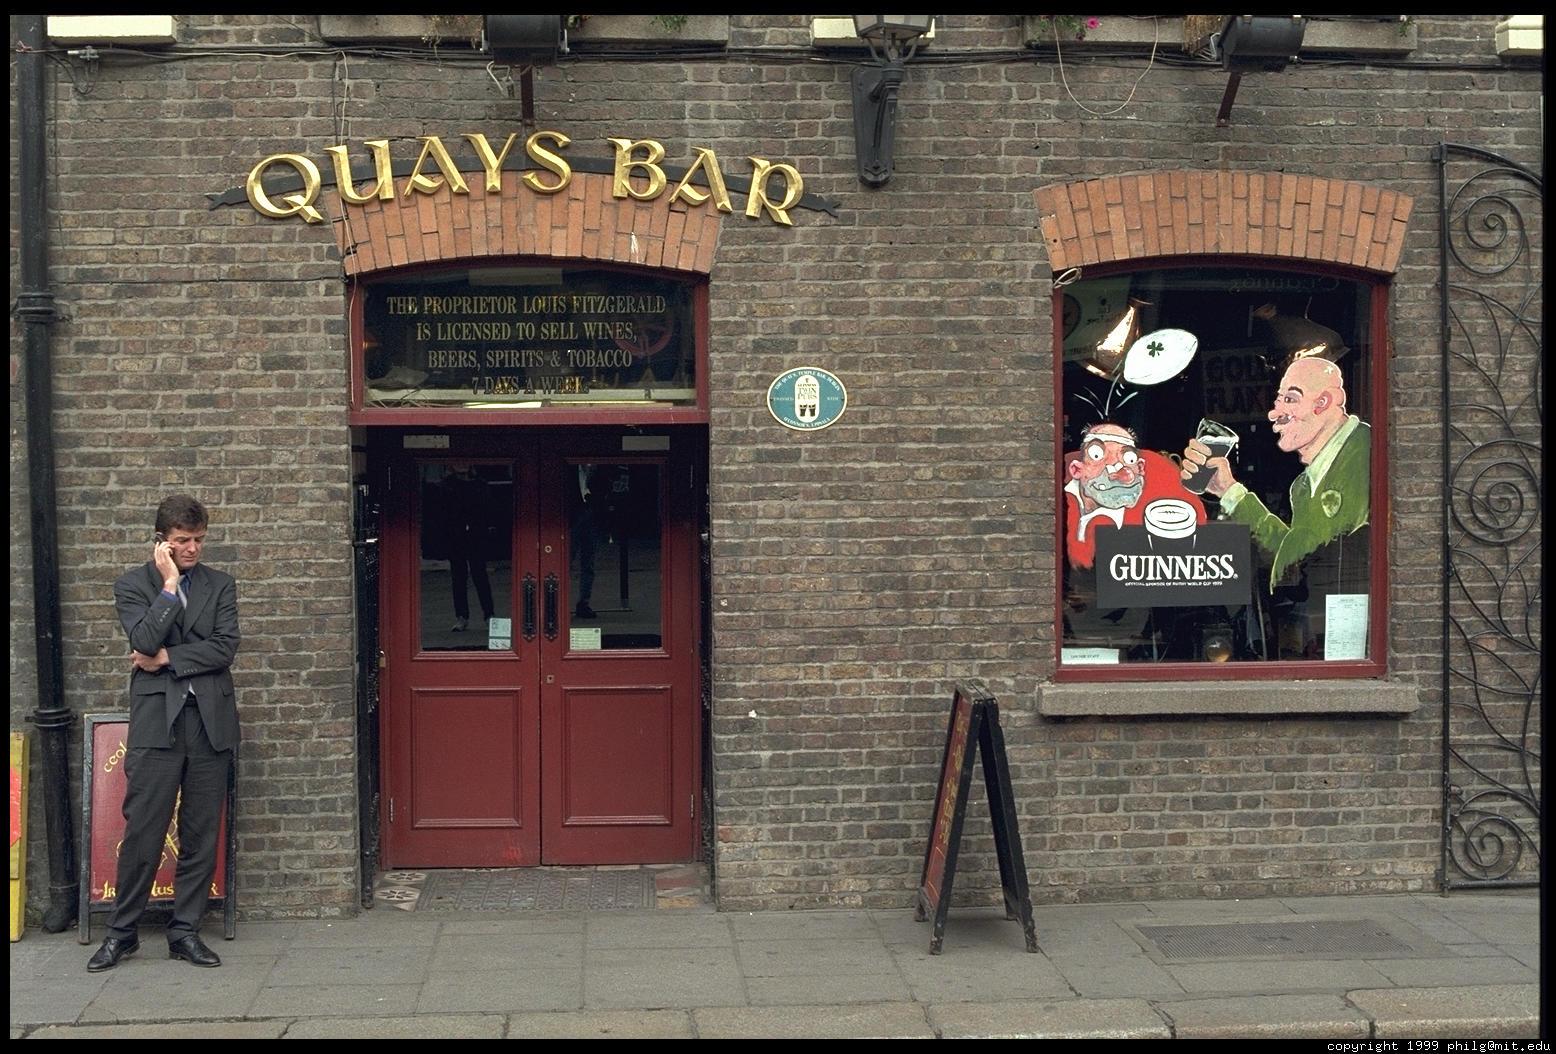 IRLANDA (fiestas paganas, filtros de amor y maldiciones) -En CONSTRUCCION- - Página 3 Dublin-temple-bar-69.4